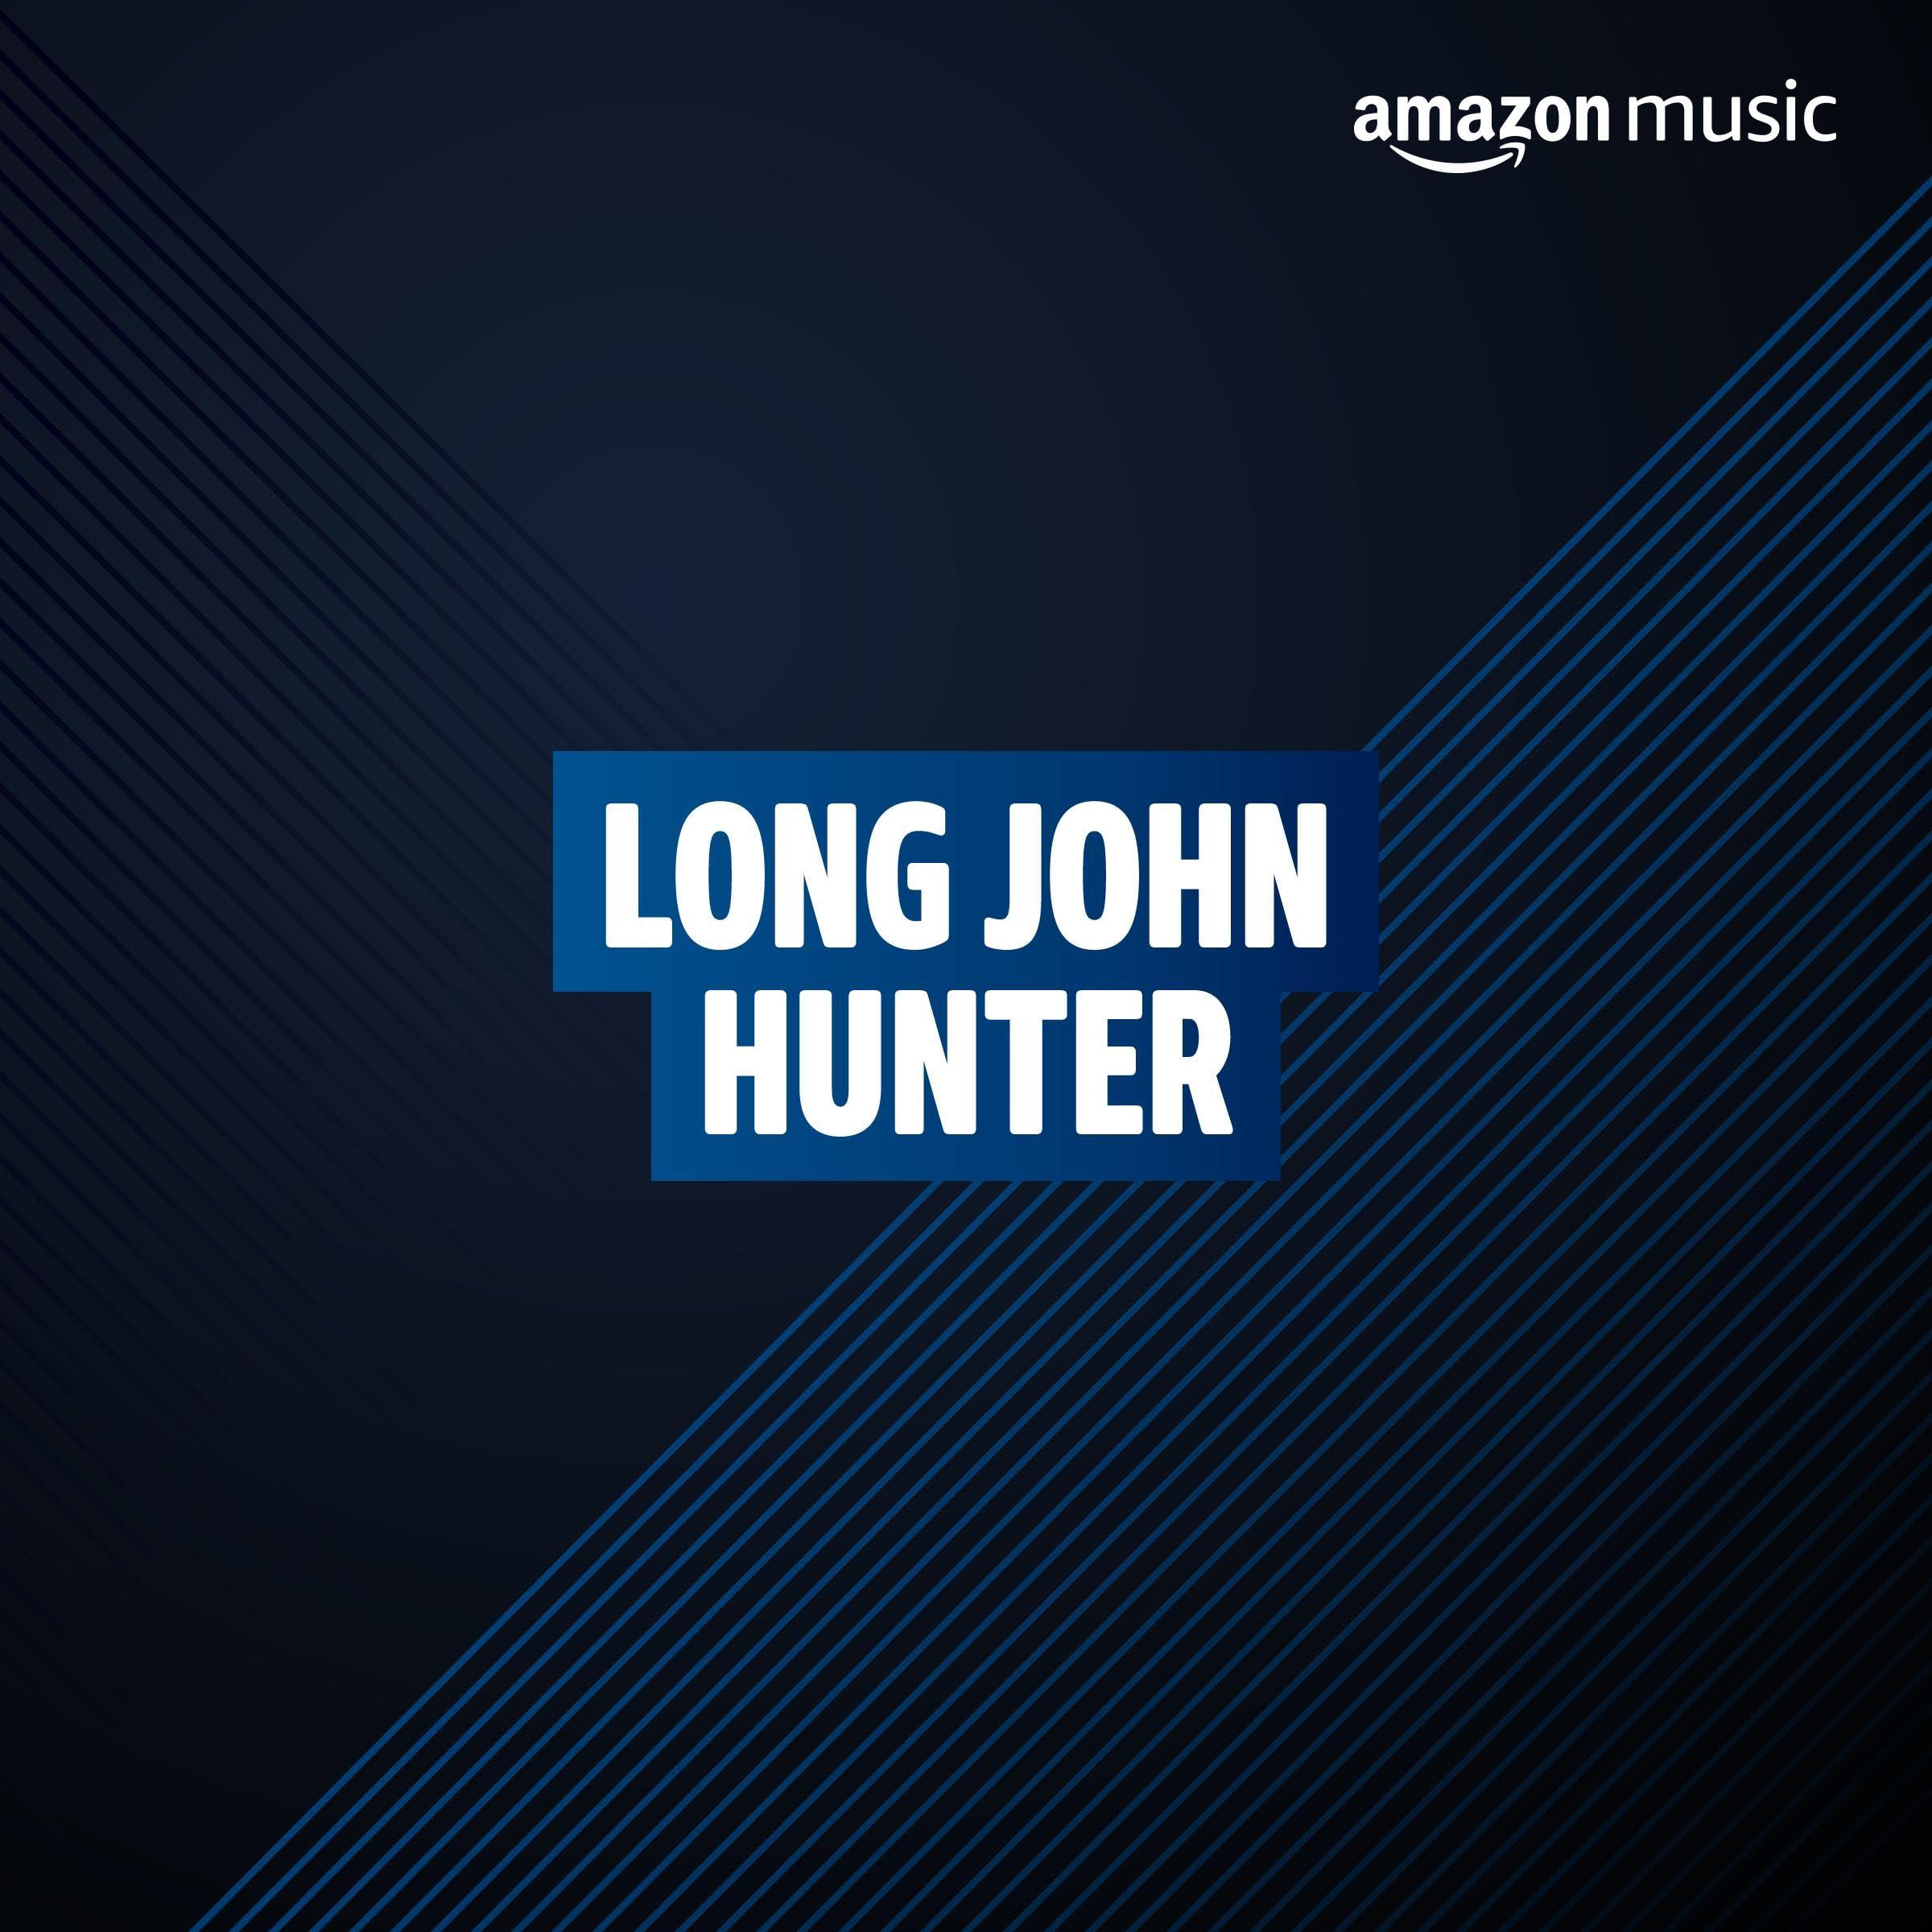 Long John Hunter